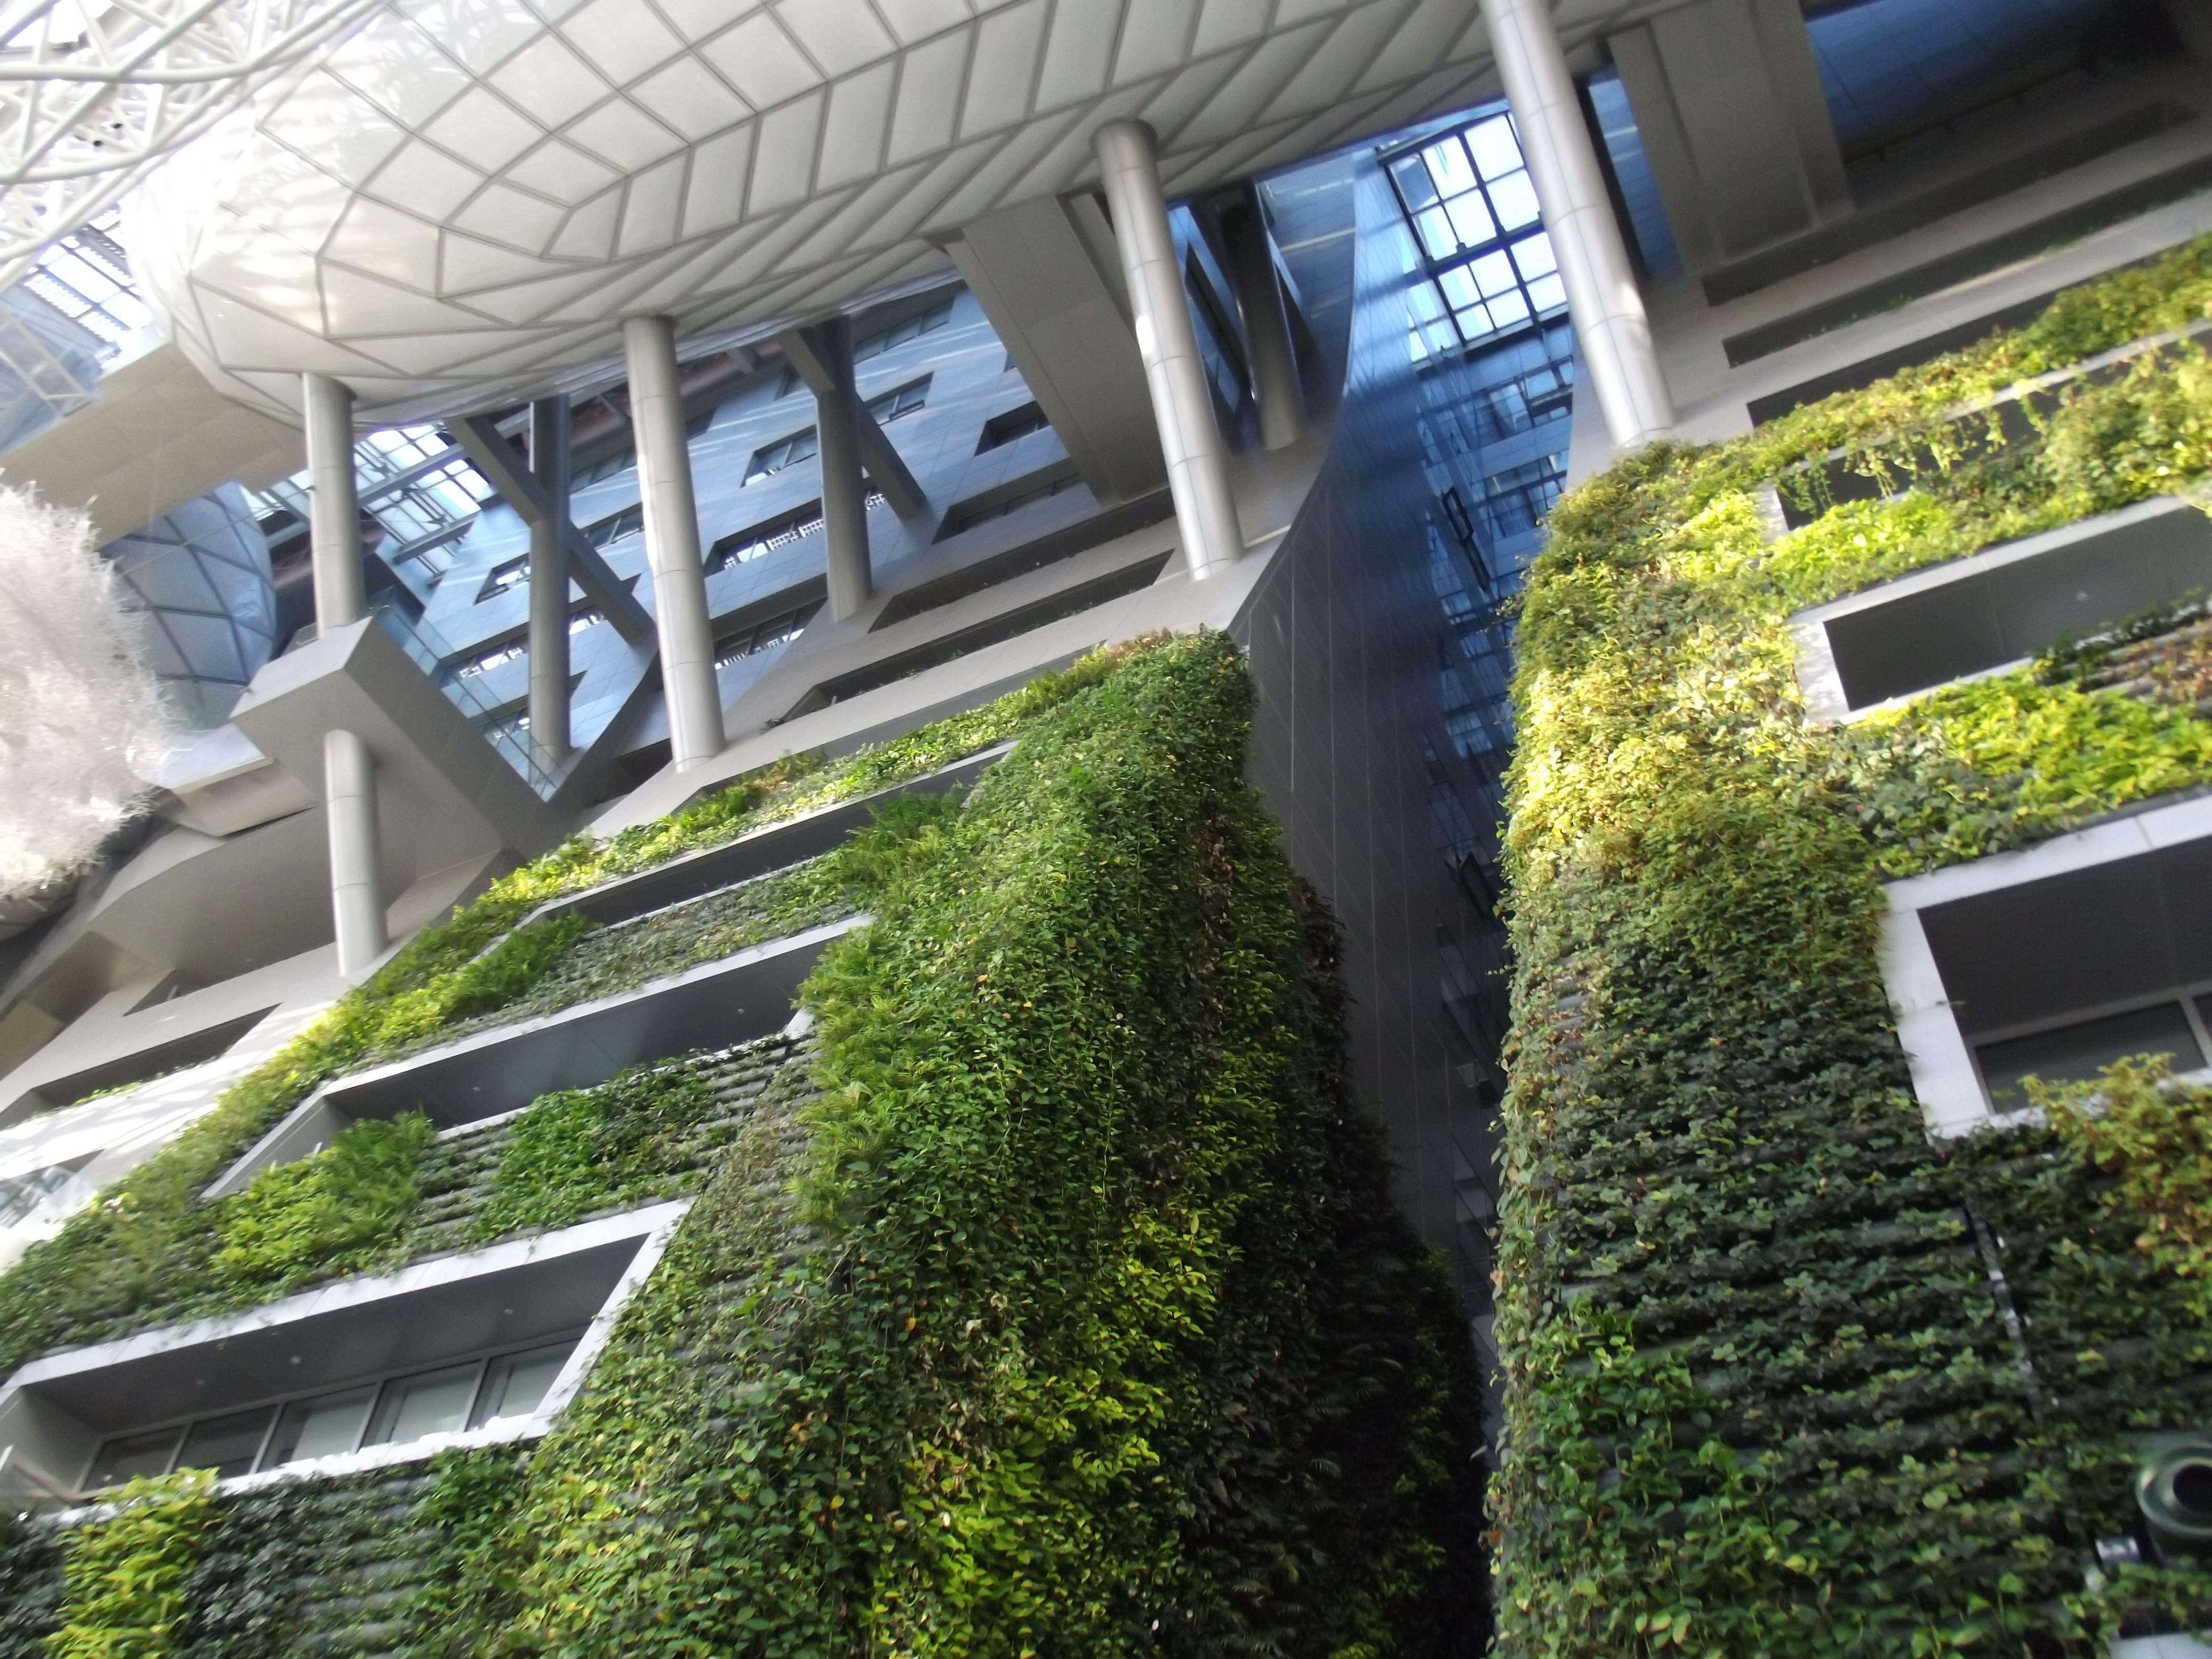 Jardín vertical en Corea del Sur